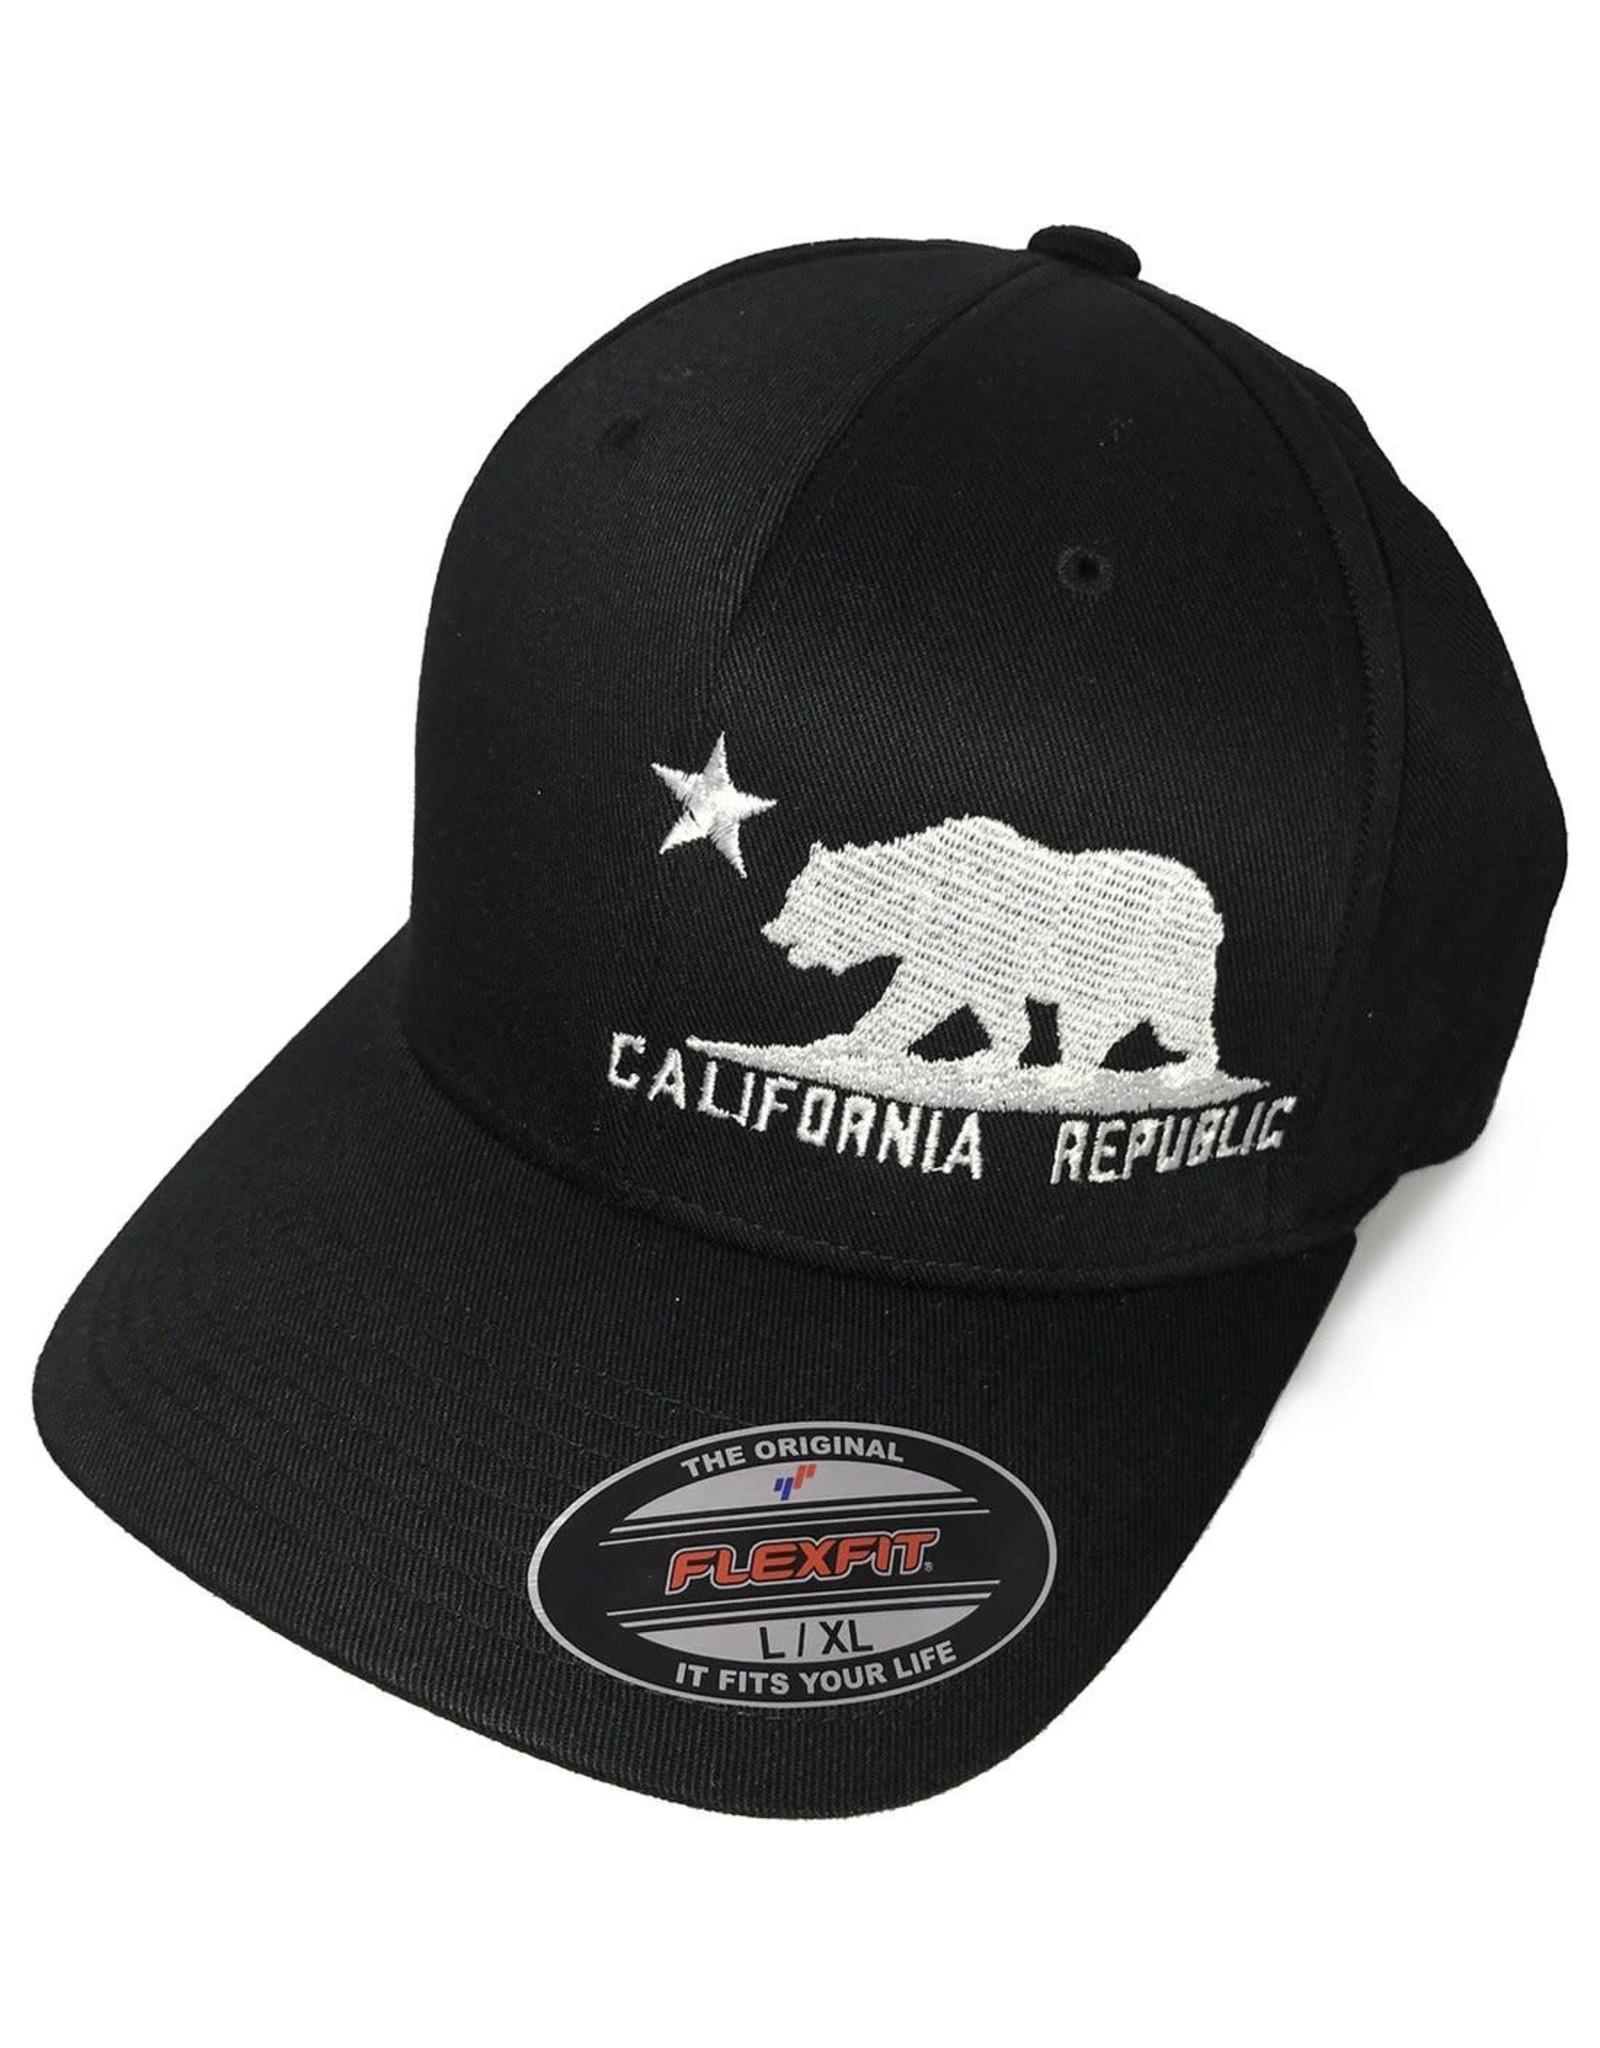 Cap-Black Ca. Rep. XL/XXL